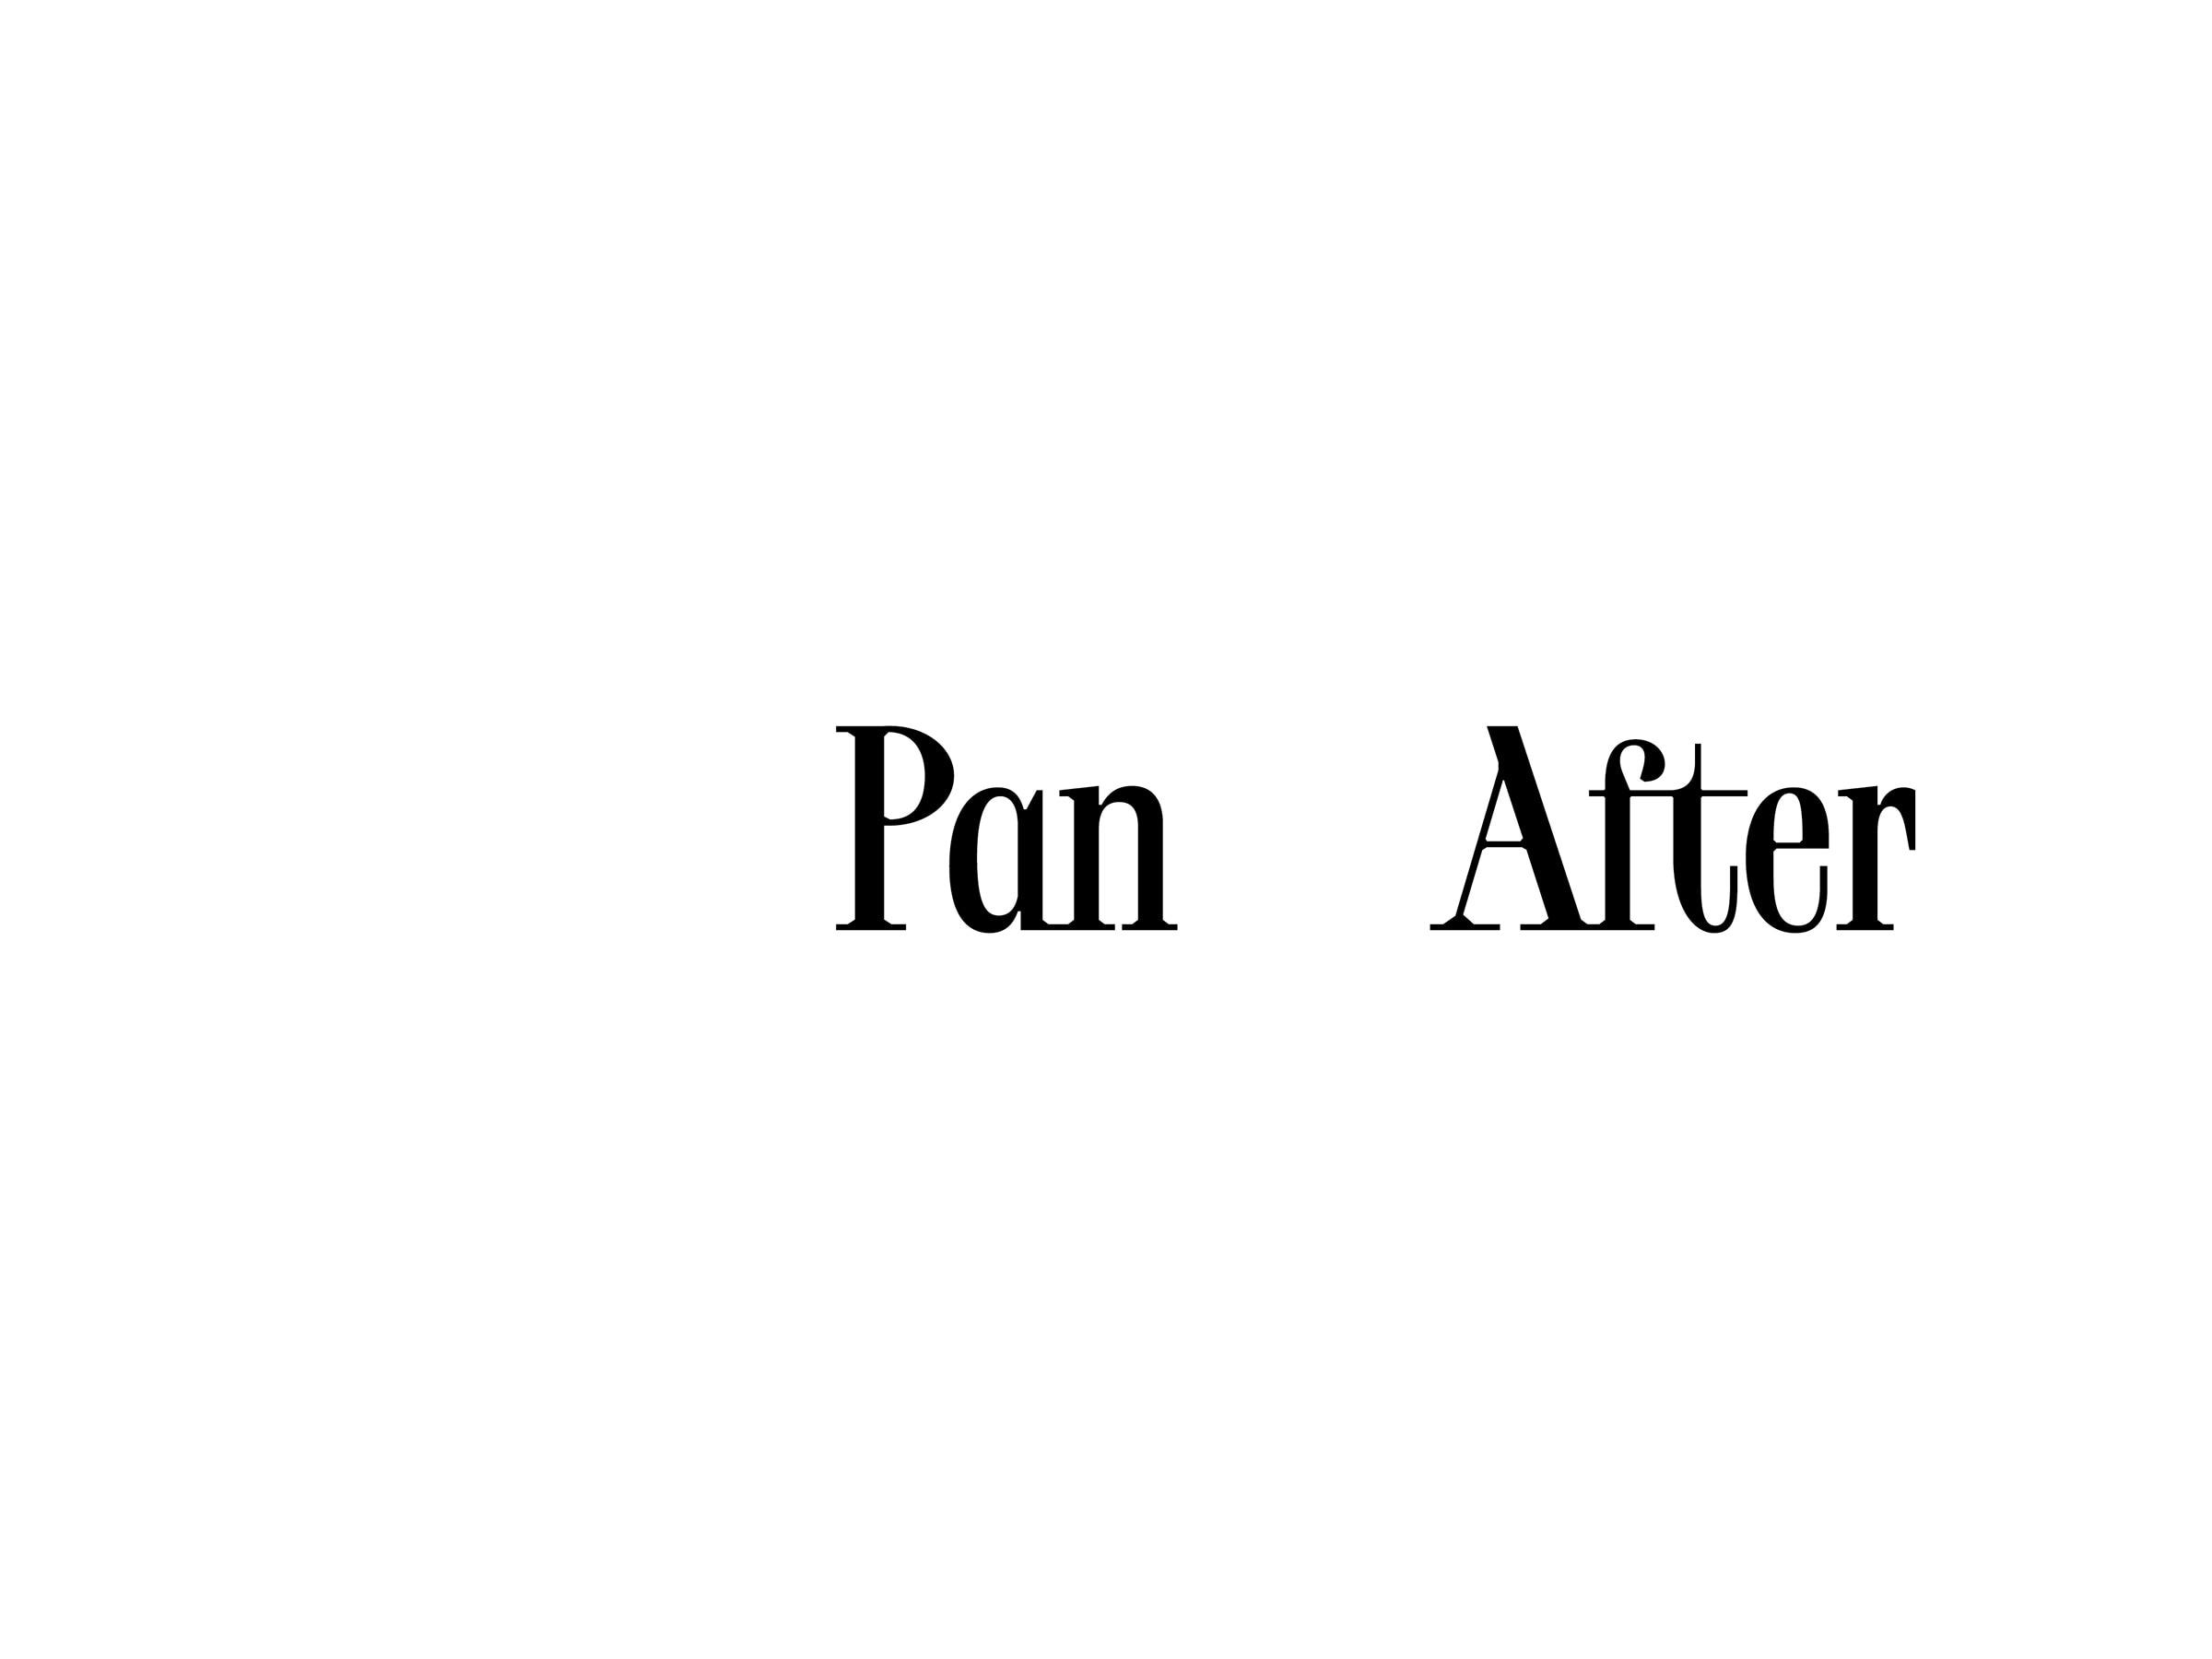 Pan After